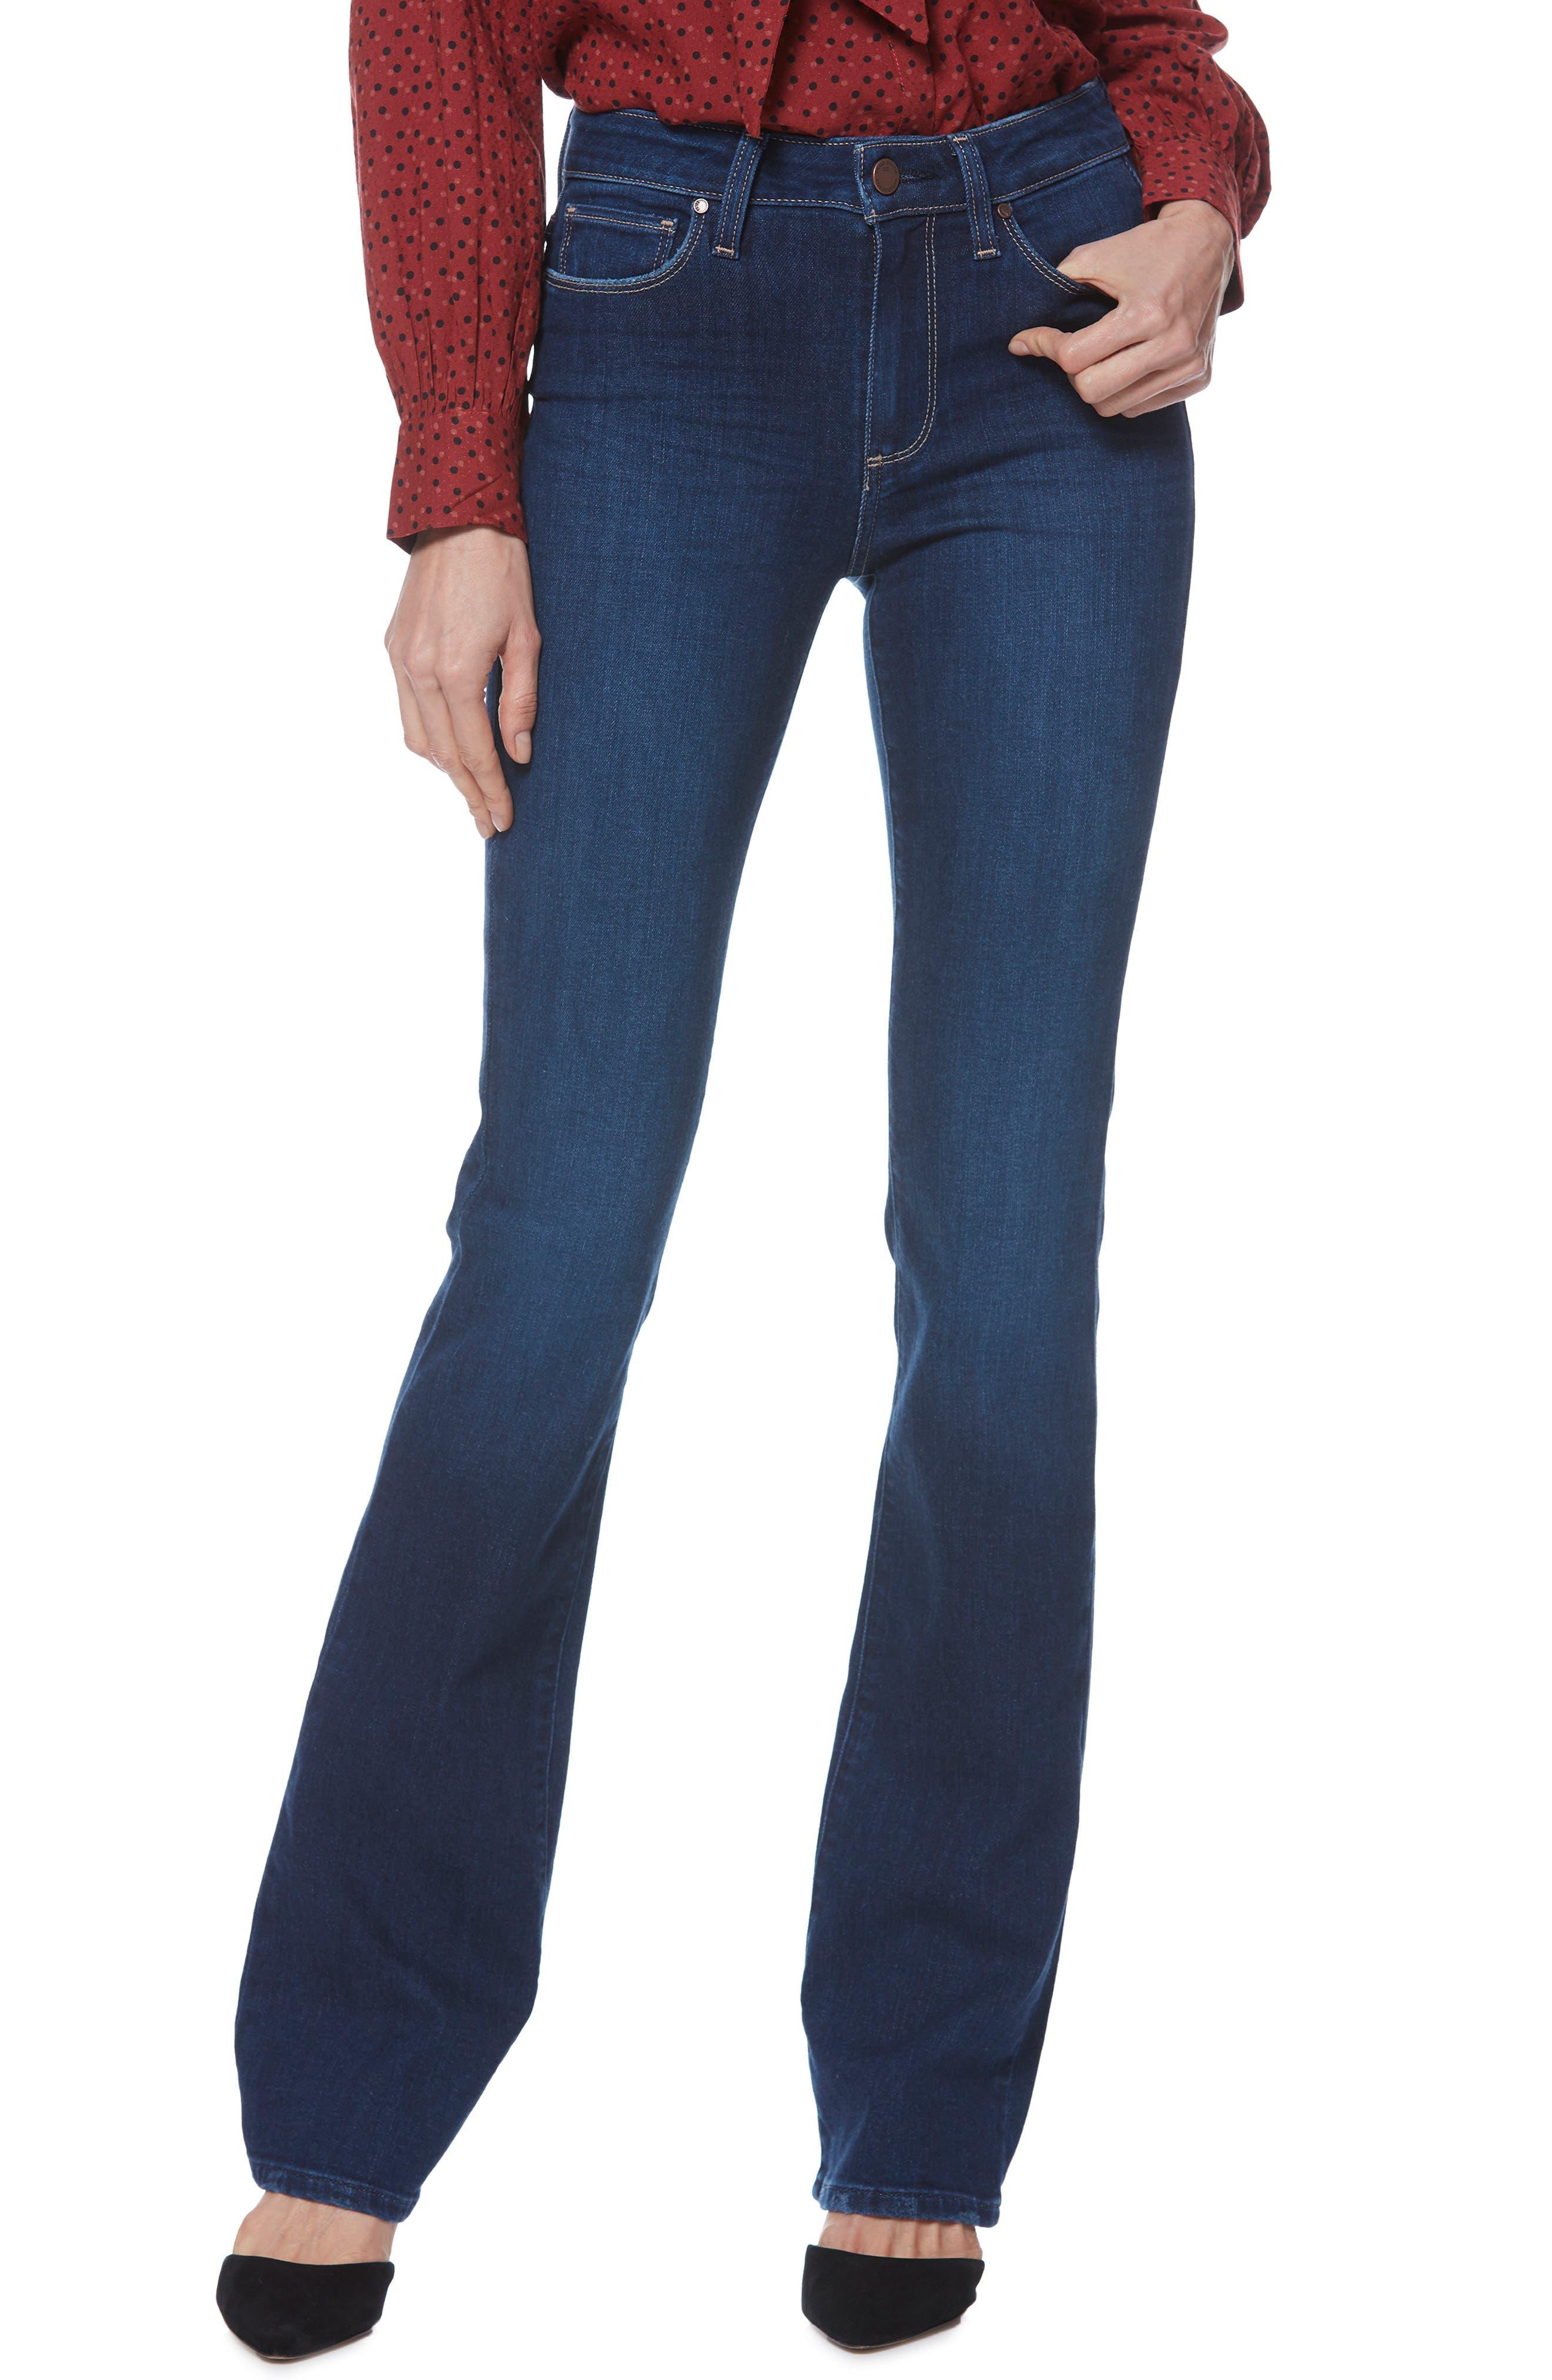 Transcend Vintage - Manhattan Bootcut Jeans,                             Main thumbnail 1, color,                             POMPEII